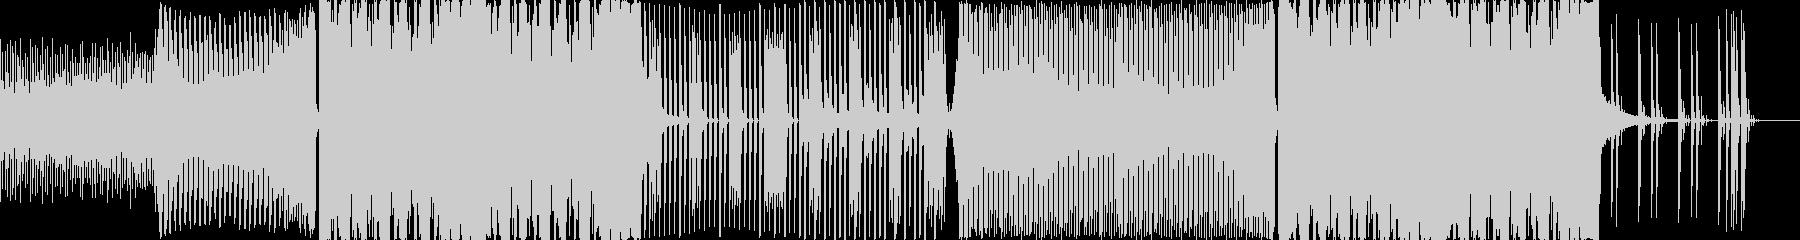 テンションの上がるEDMの未再生の波形